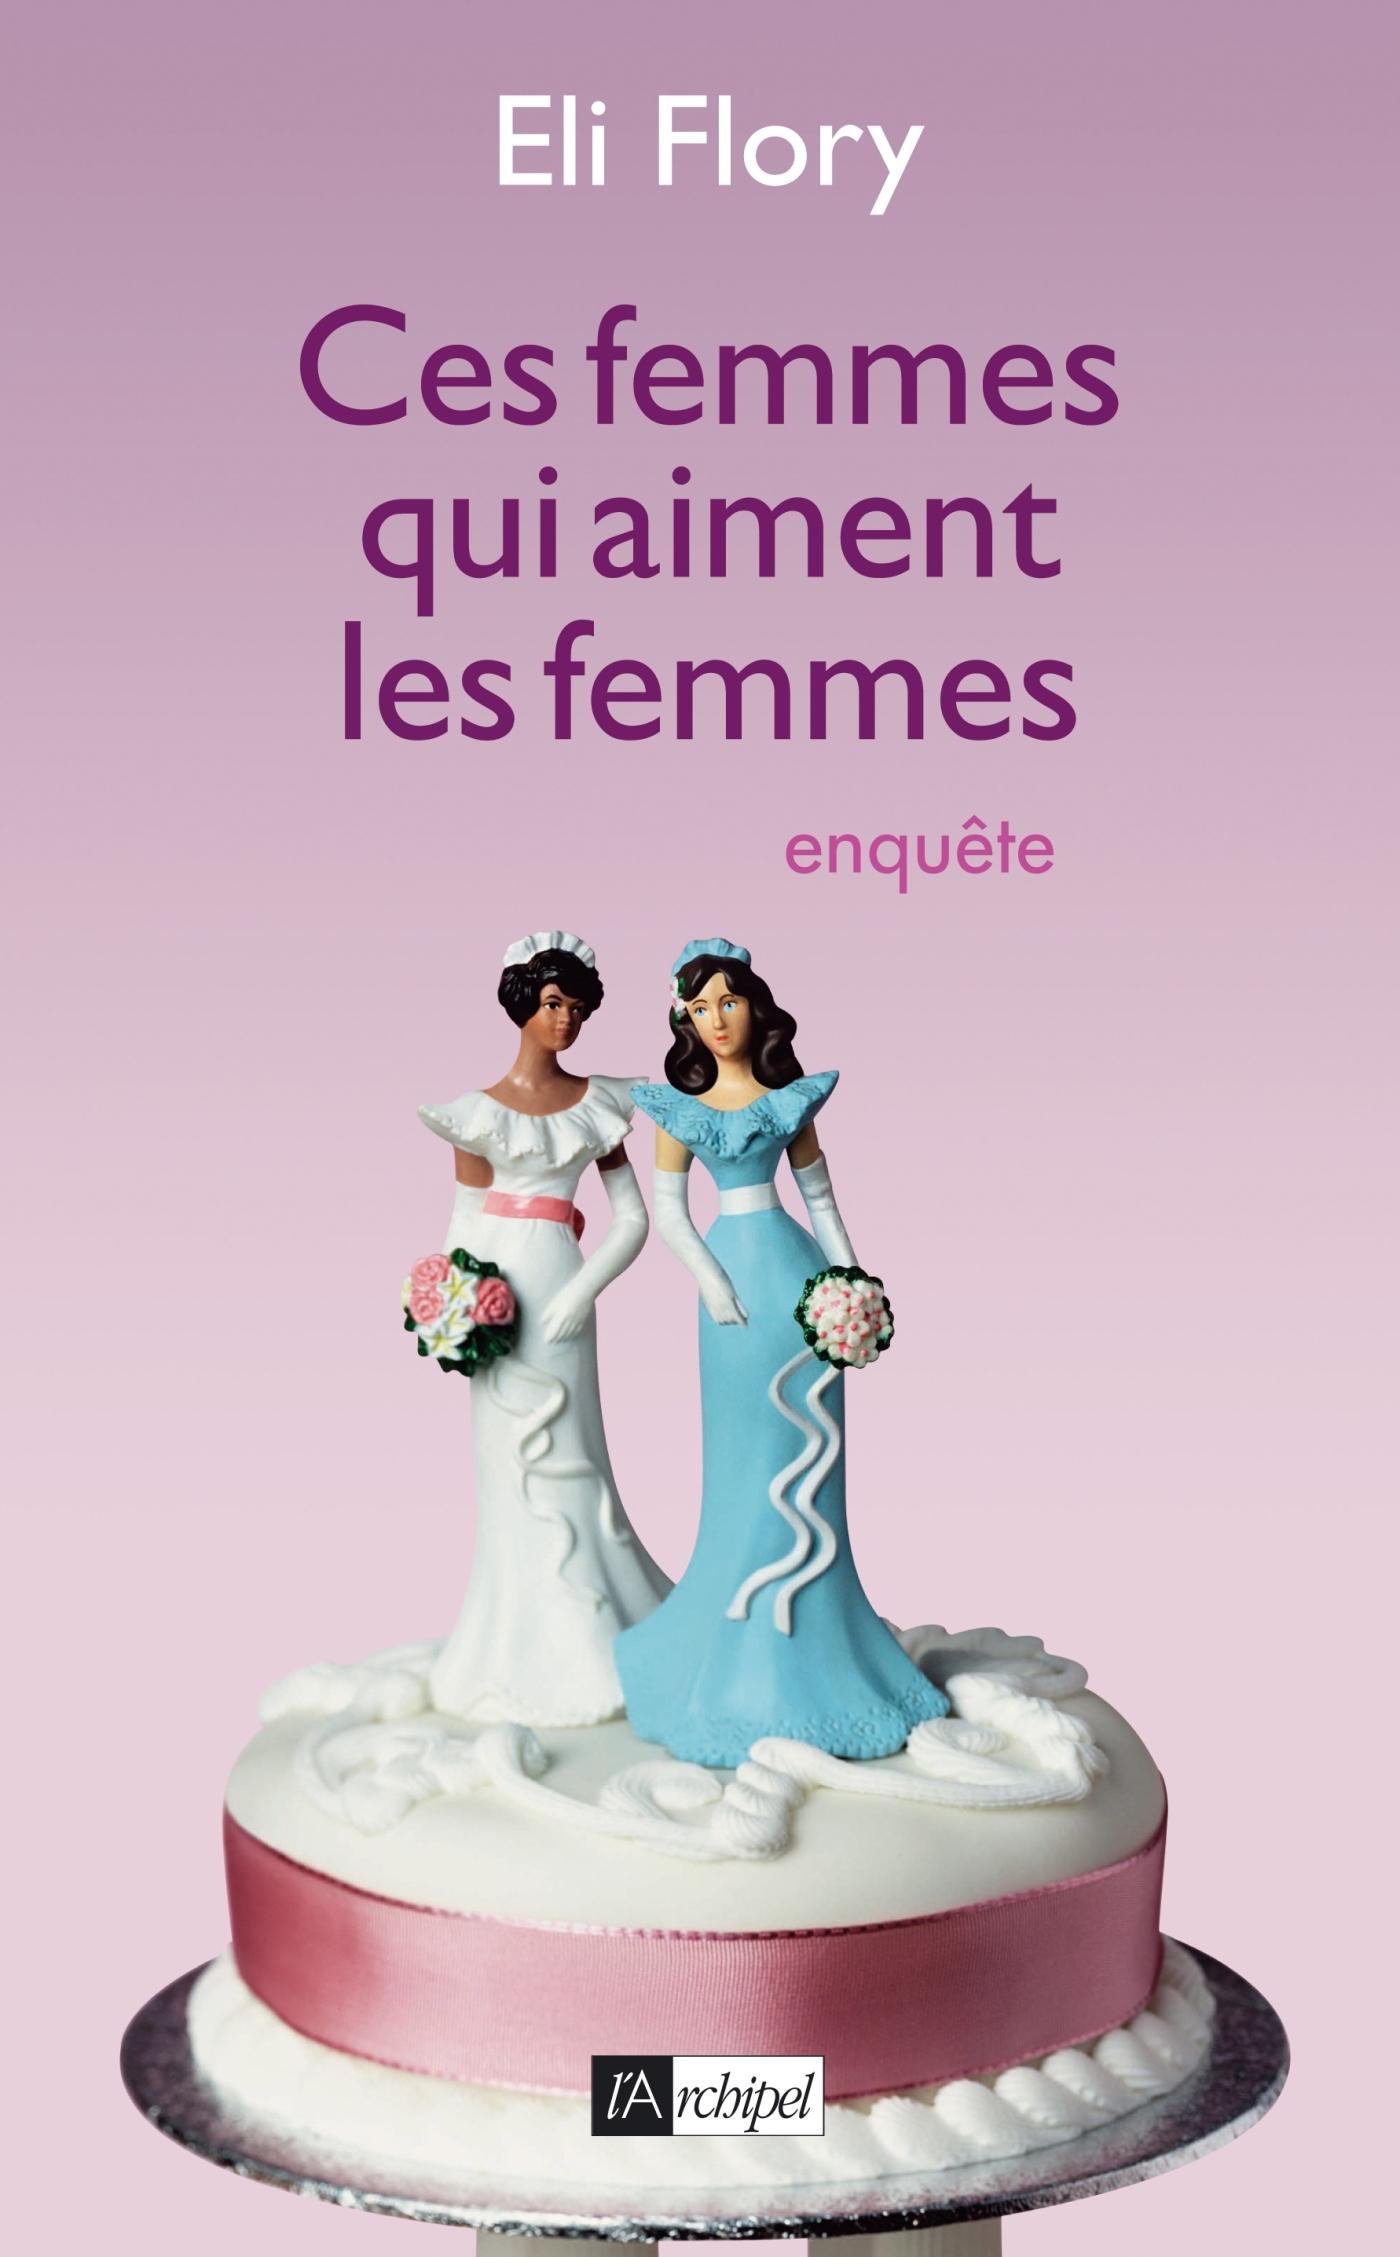 CES FEMMES QUI AIMENT LES FEMMES